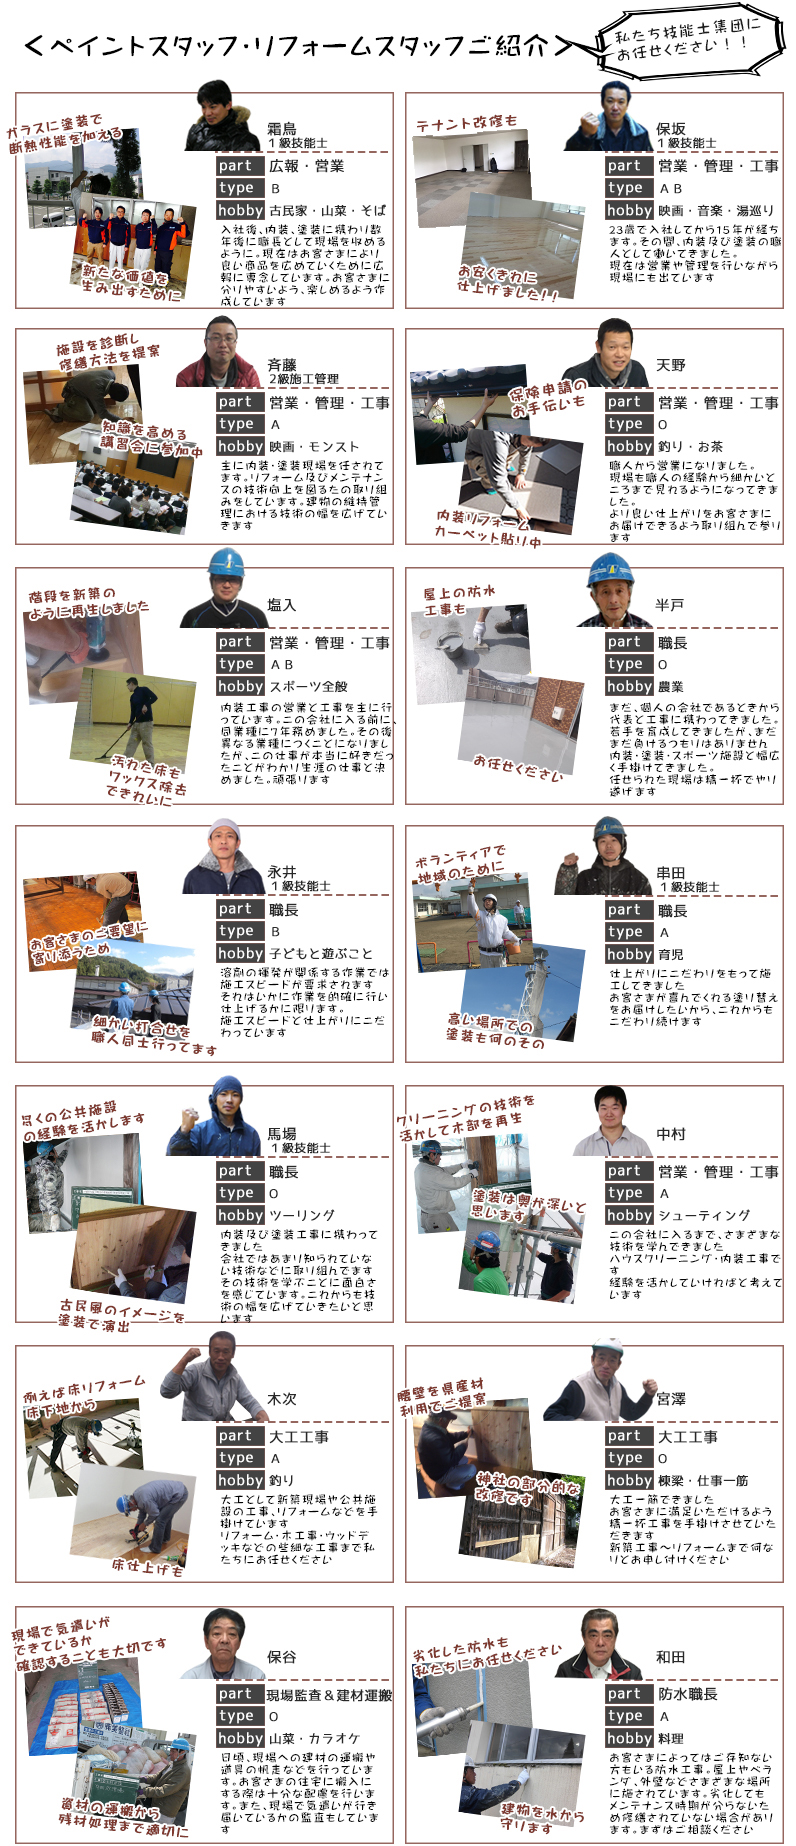 登場人物紹介3